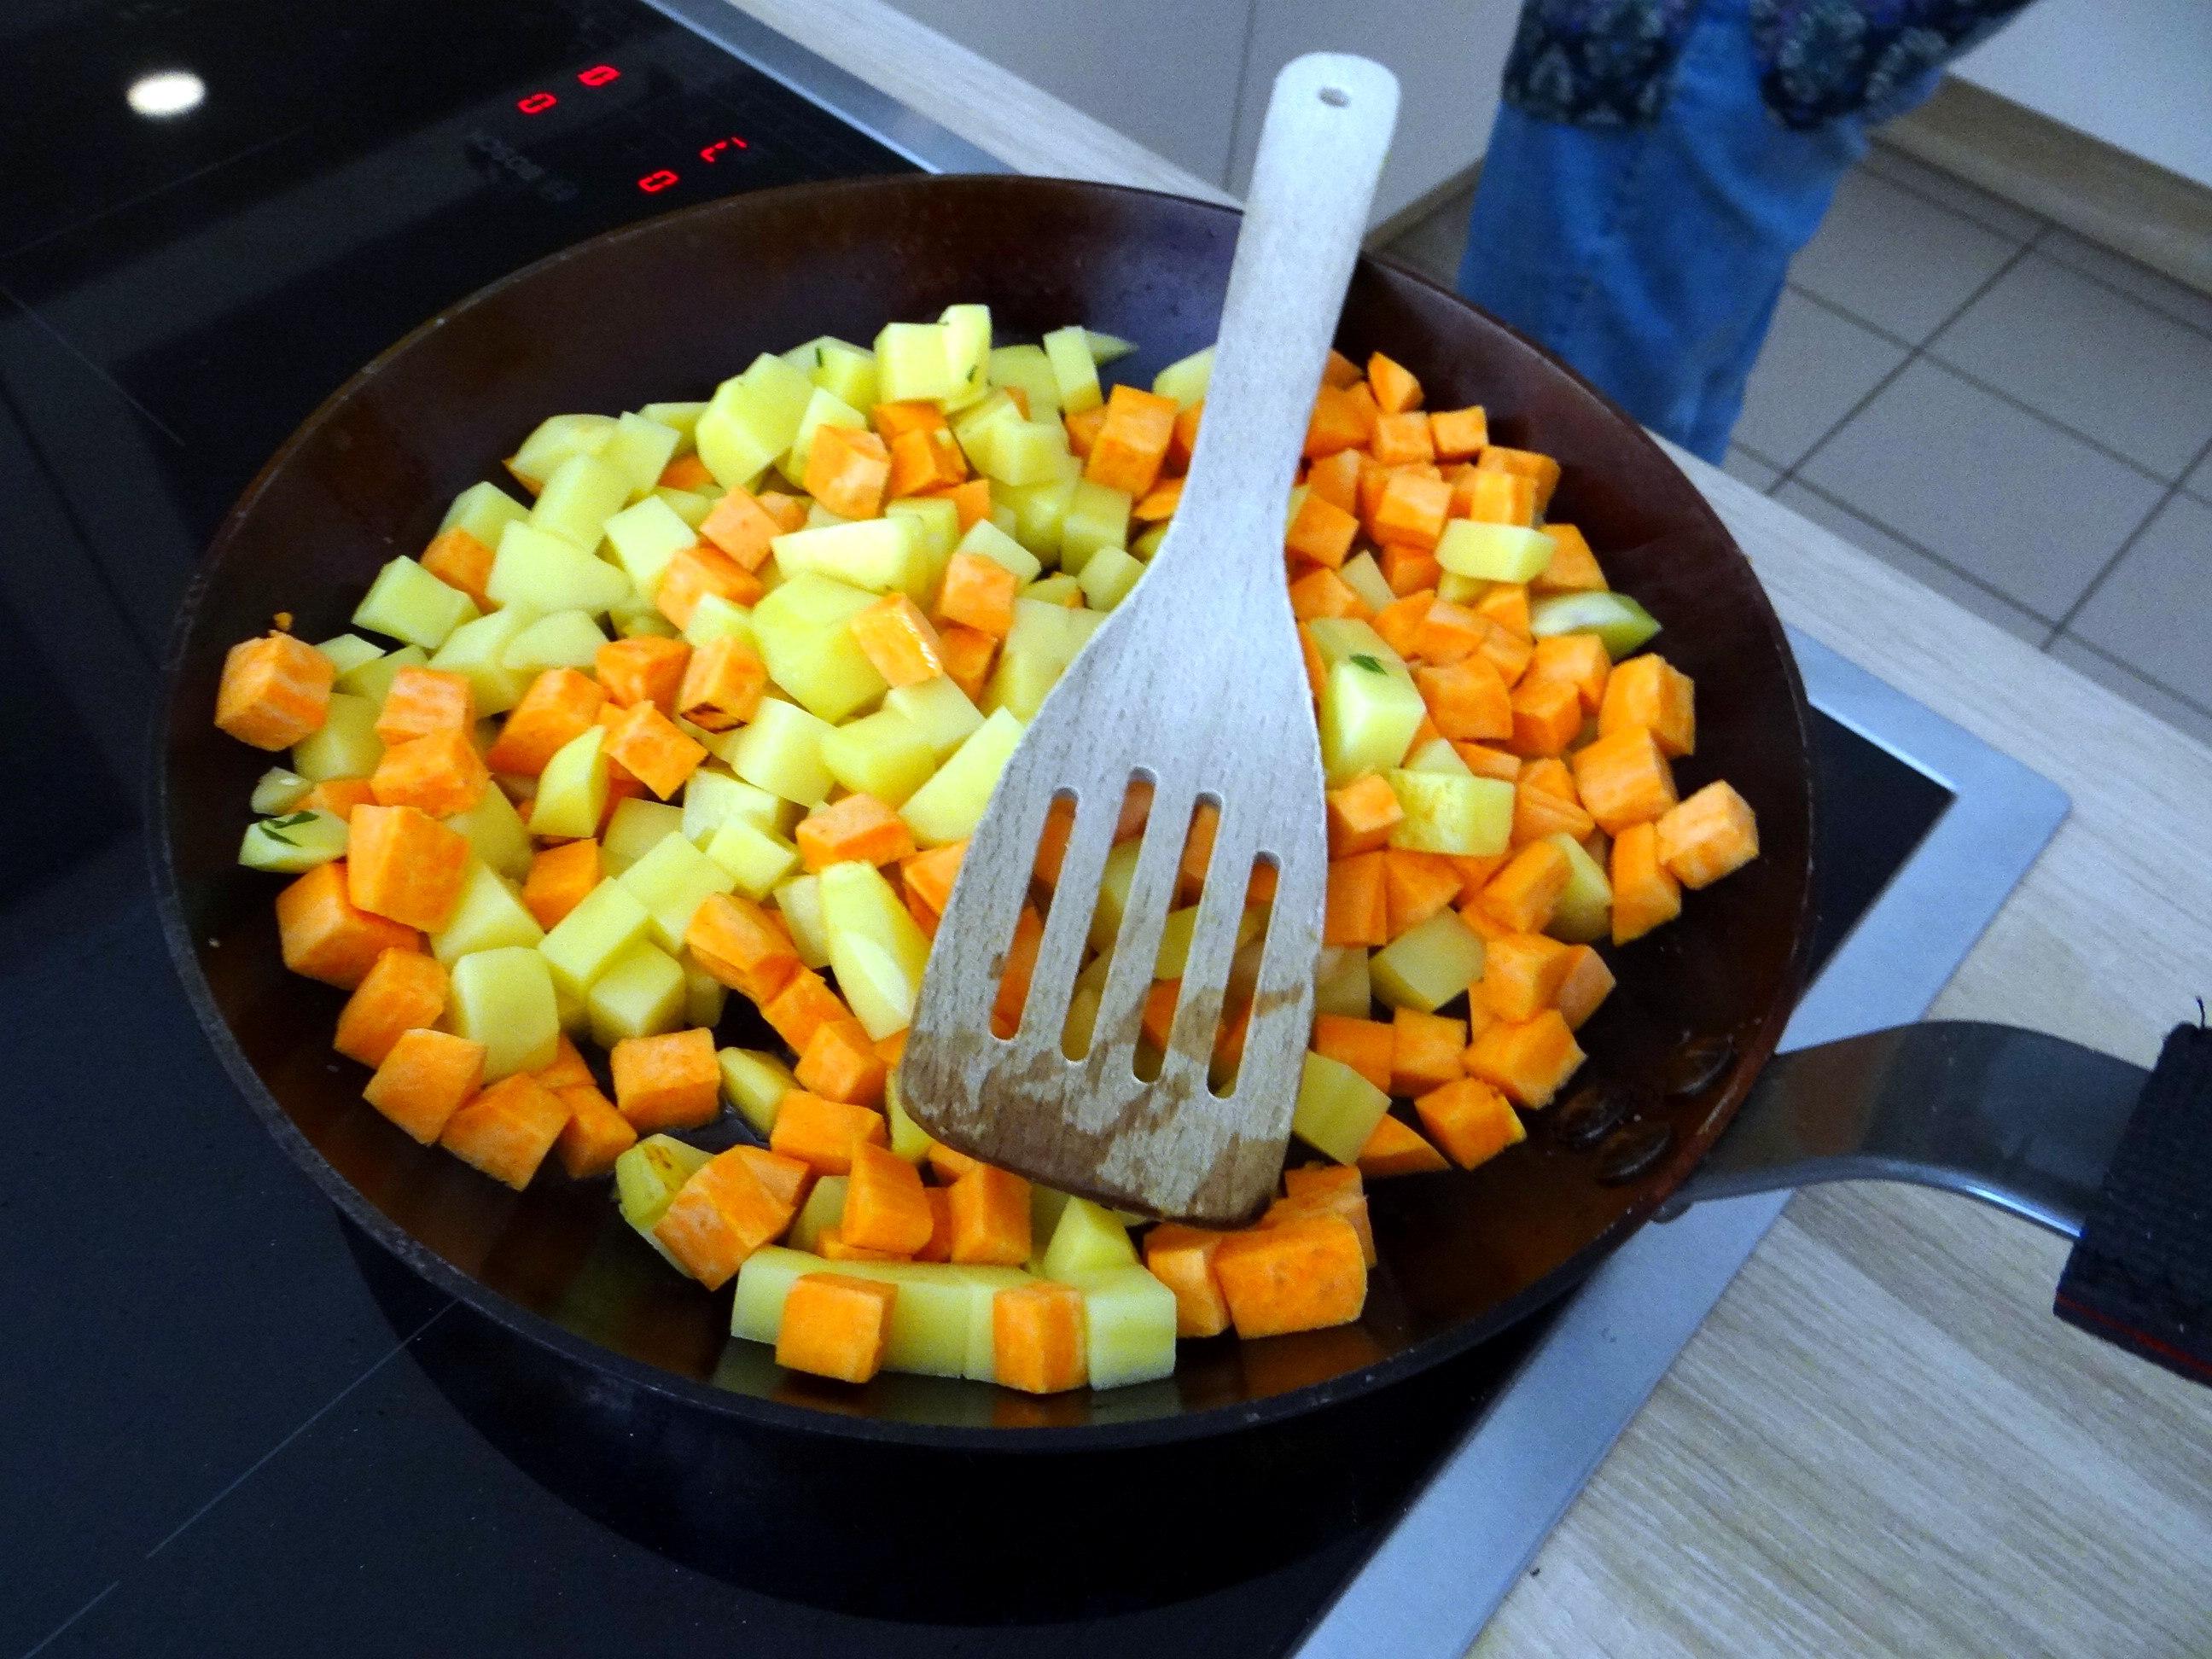 Rohgebratene Kartoffeln,Guacamole,Kohlrabisalat,Zitronenmuffins, , (8)